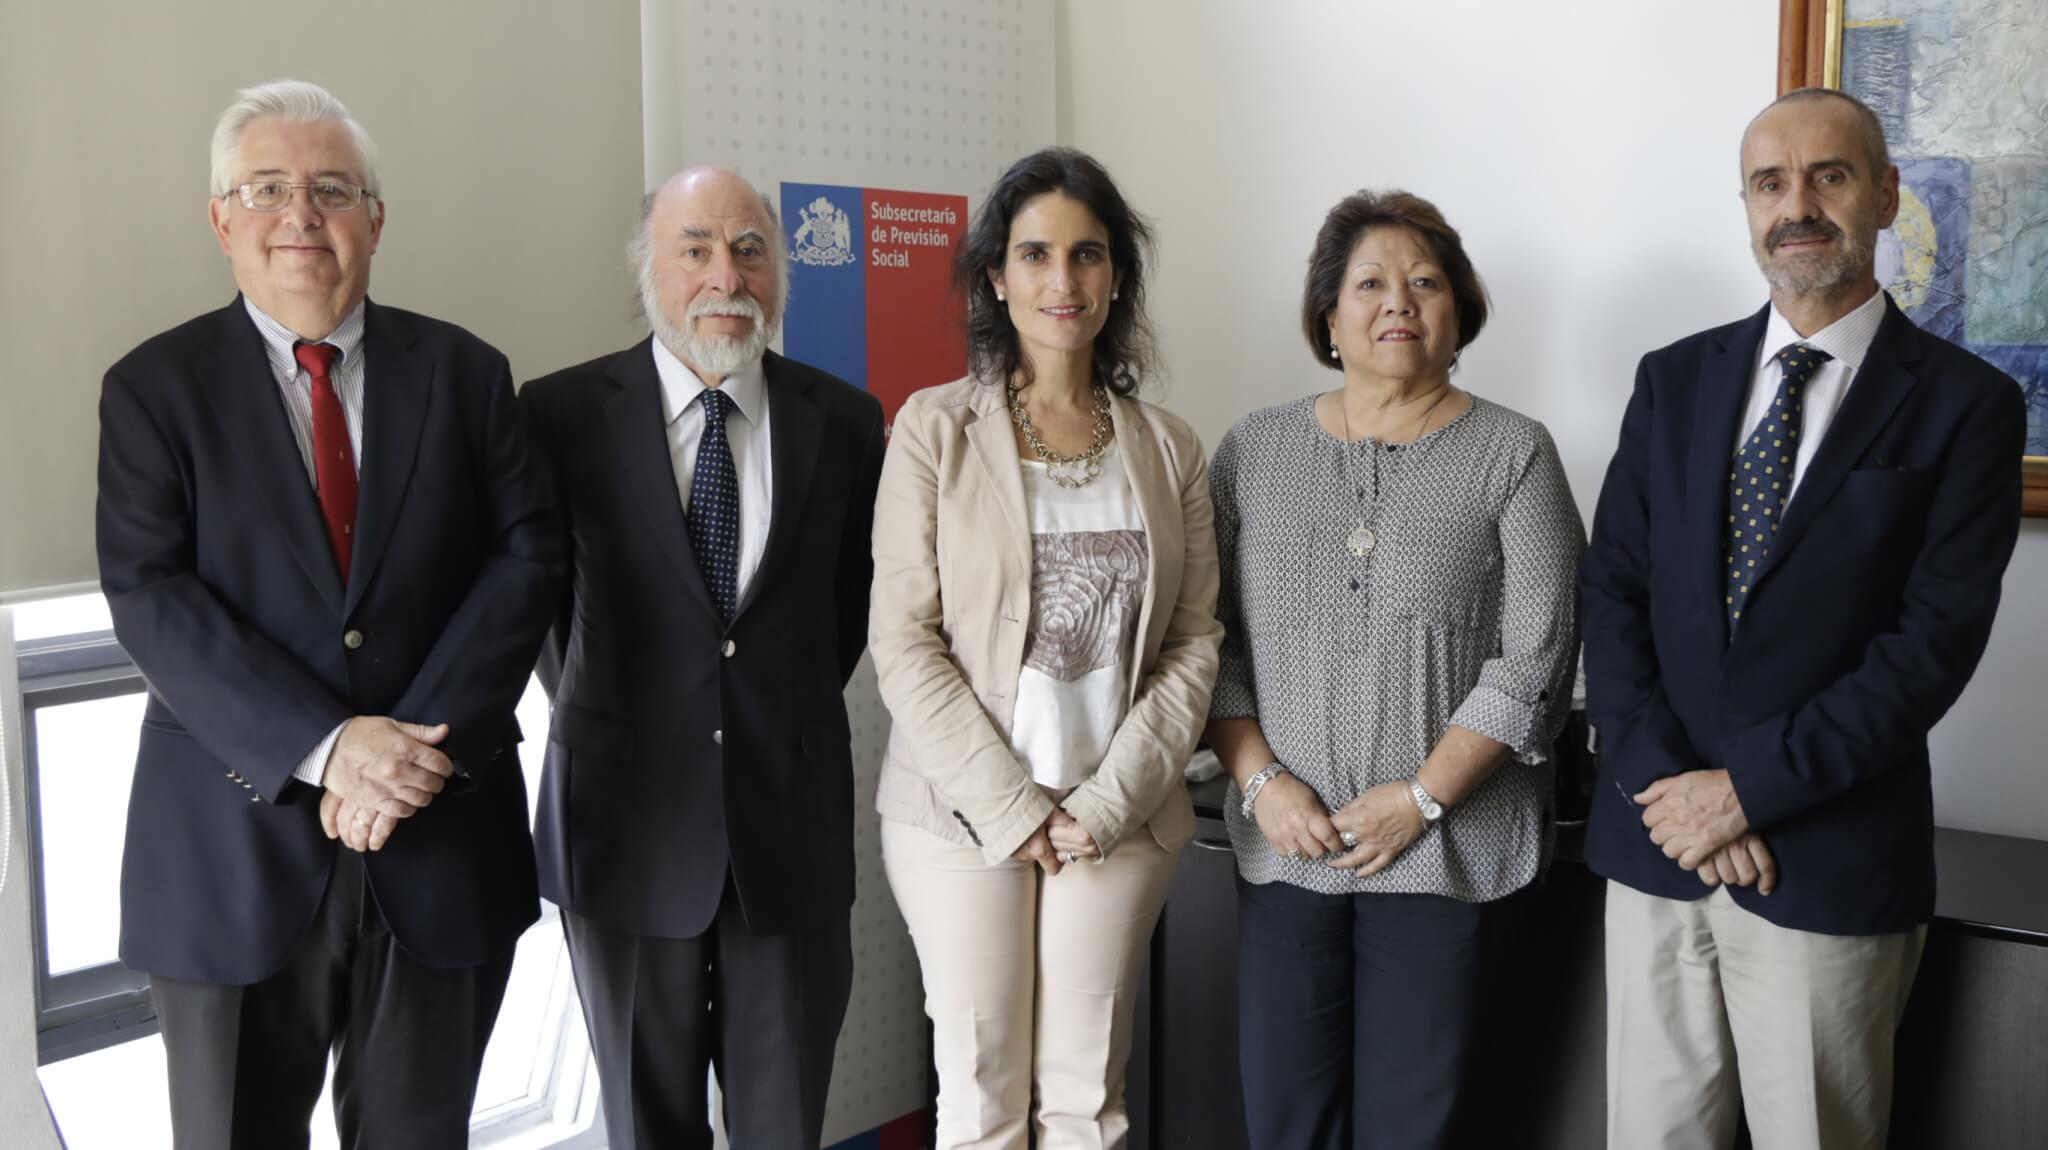 José Molina, Augusto Bruna, la subsecretaria de Previsión Social, María José Zaldívar; Ana María Muñoz y Ernesto Evans.